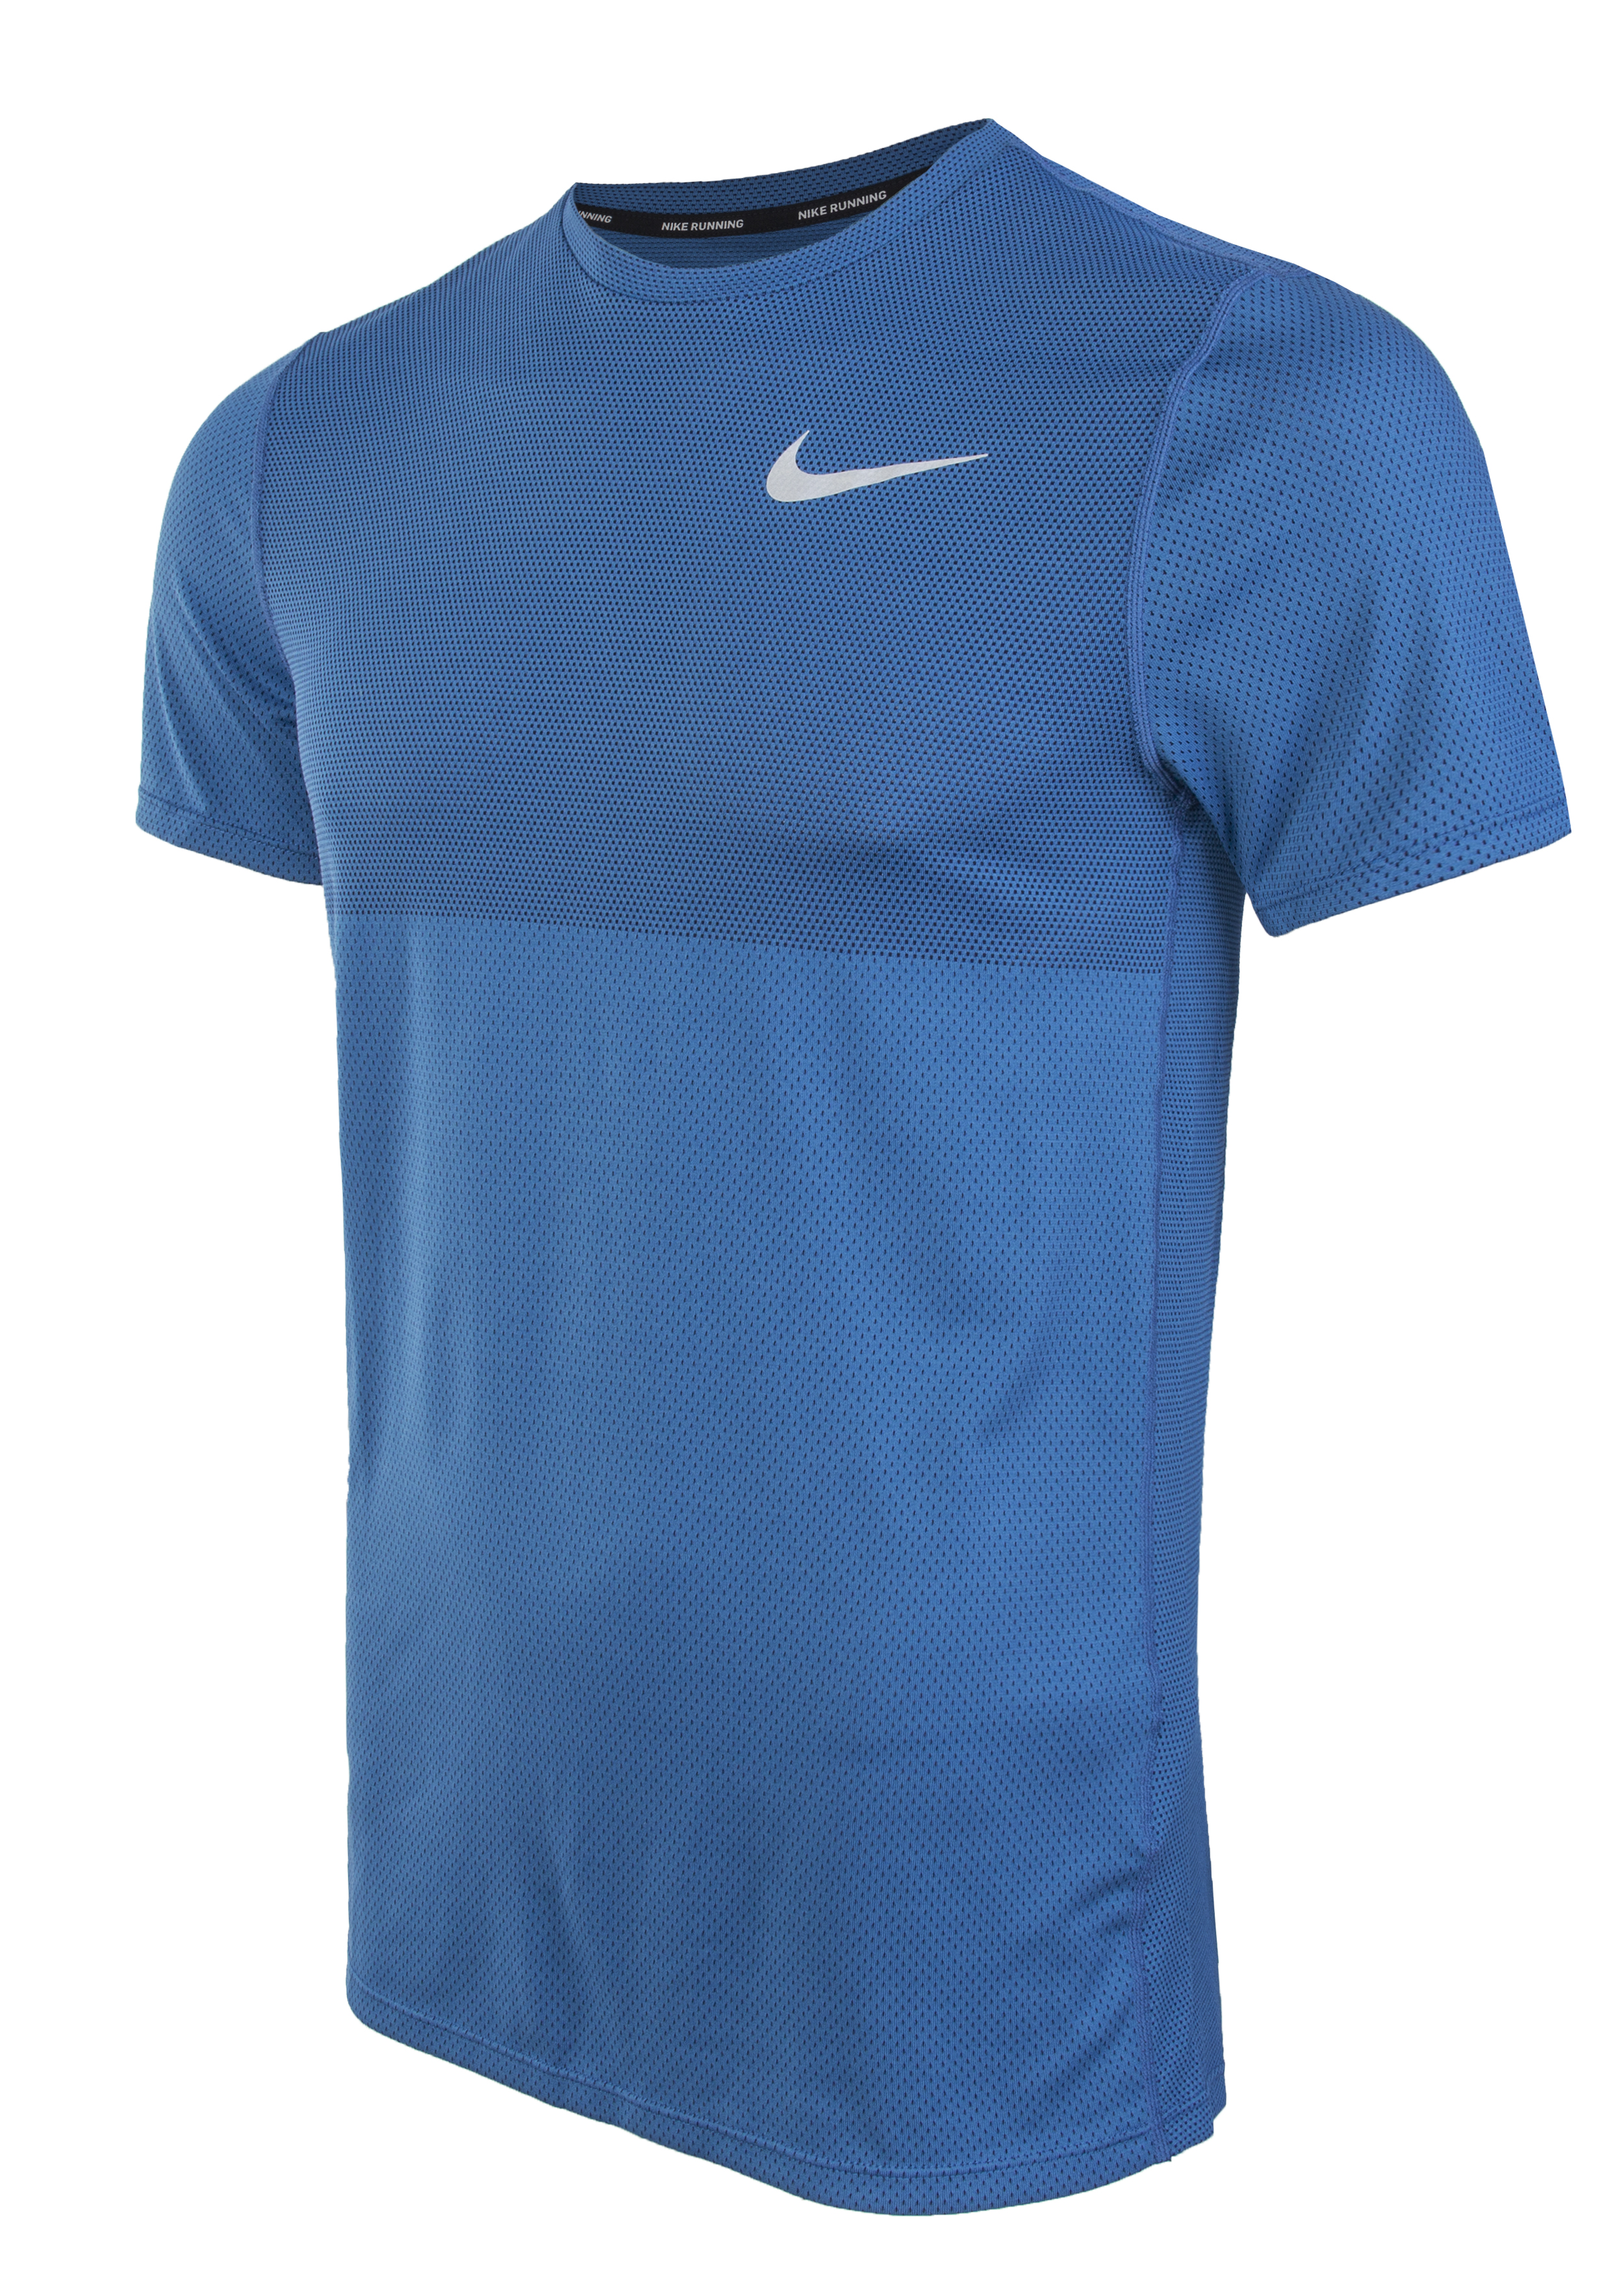 d70d4172e3c85 Футболка мужская Nike Zonal Cooling Relay Running Top синяя - Сеть ...